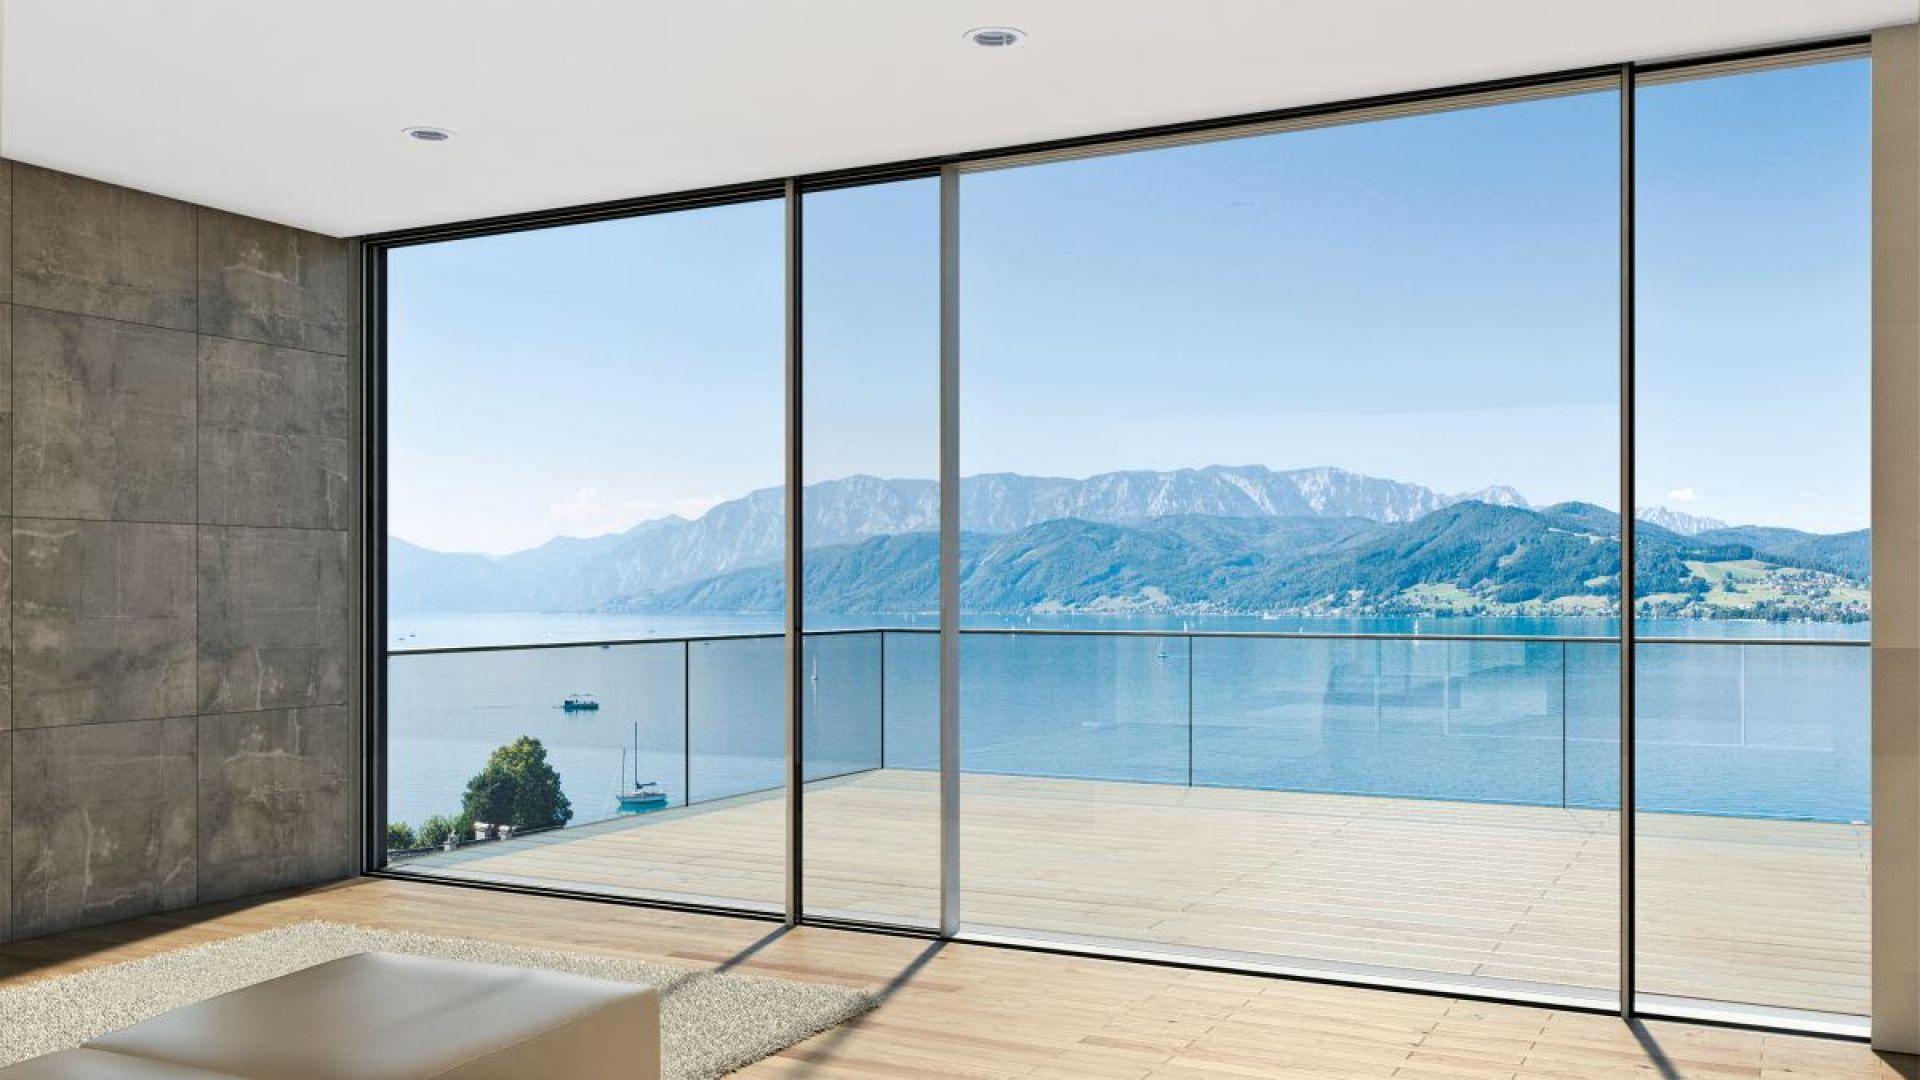 Lokalizacja okien, zwłaszcza tych o znacznych rozmiarach, bezpośrednio wpływa na komfort domowników oraz na bilans energetyczny budynku. Fot. Schüco